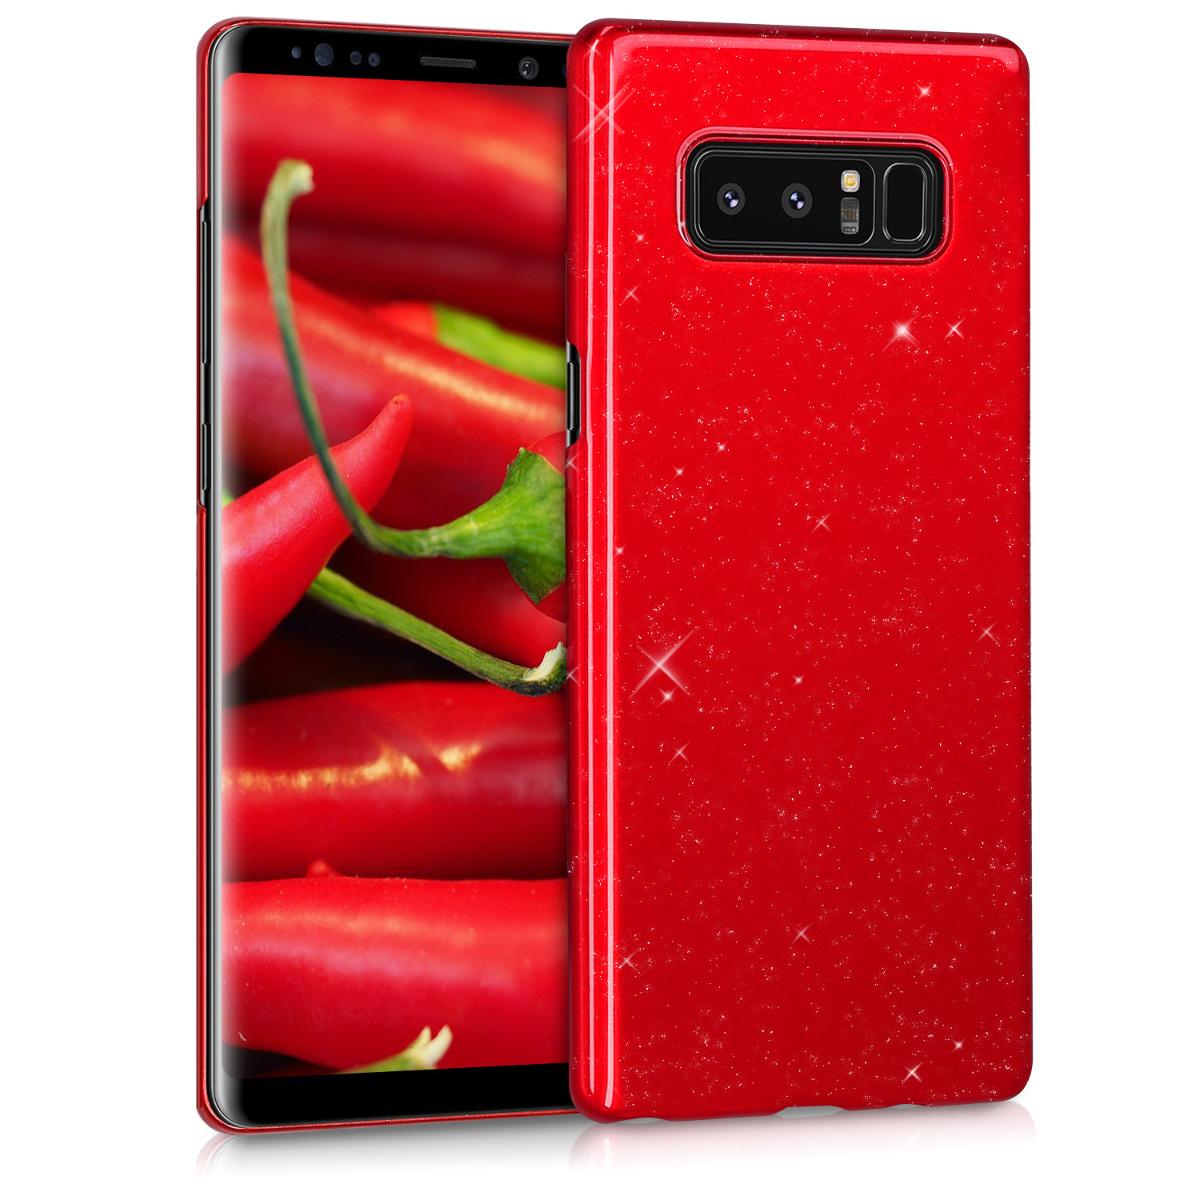 KW Slim Anti-Slip Cover - Σκληρή Θήκη Καουτσούκ Samsung Galaxy Note 8 - Κόκκινο (43490.97)